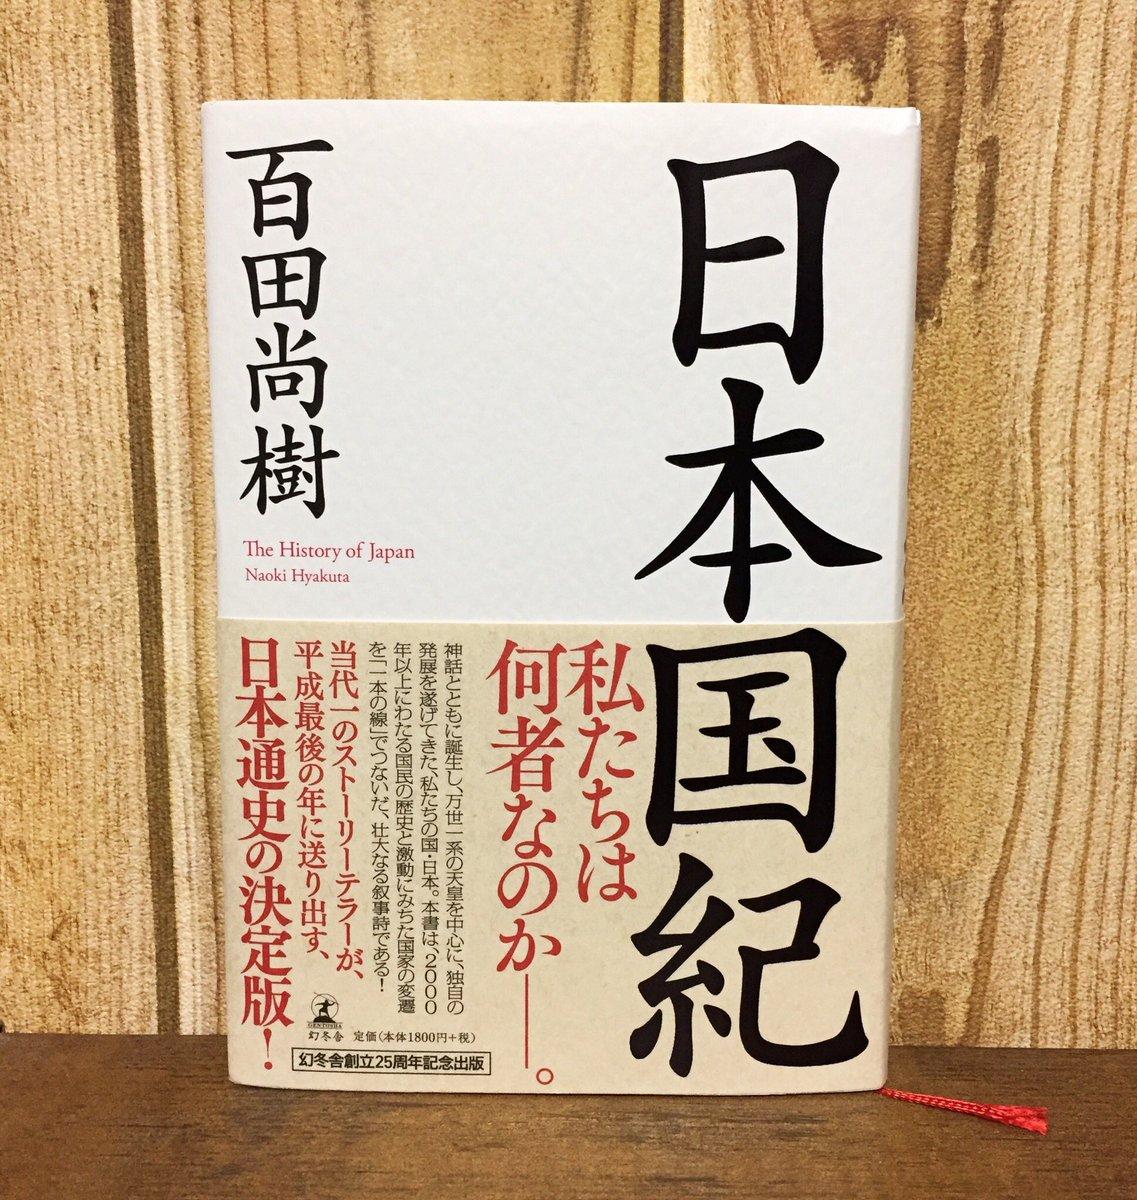 【日本国紀】ケント・ギルバート氏が絶賛!「1万部でベストセラーなのに40万部は非常識だ」「ネットでは「フェイク歴史本」「ヘイト本」「ネトウヨ本」とレッテルを貼られたが、百田氏本人から見事返り討ちにされた」